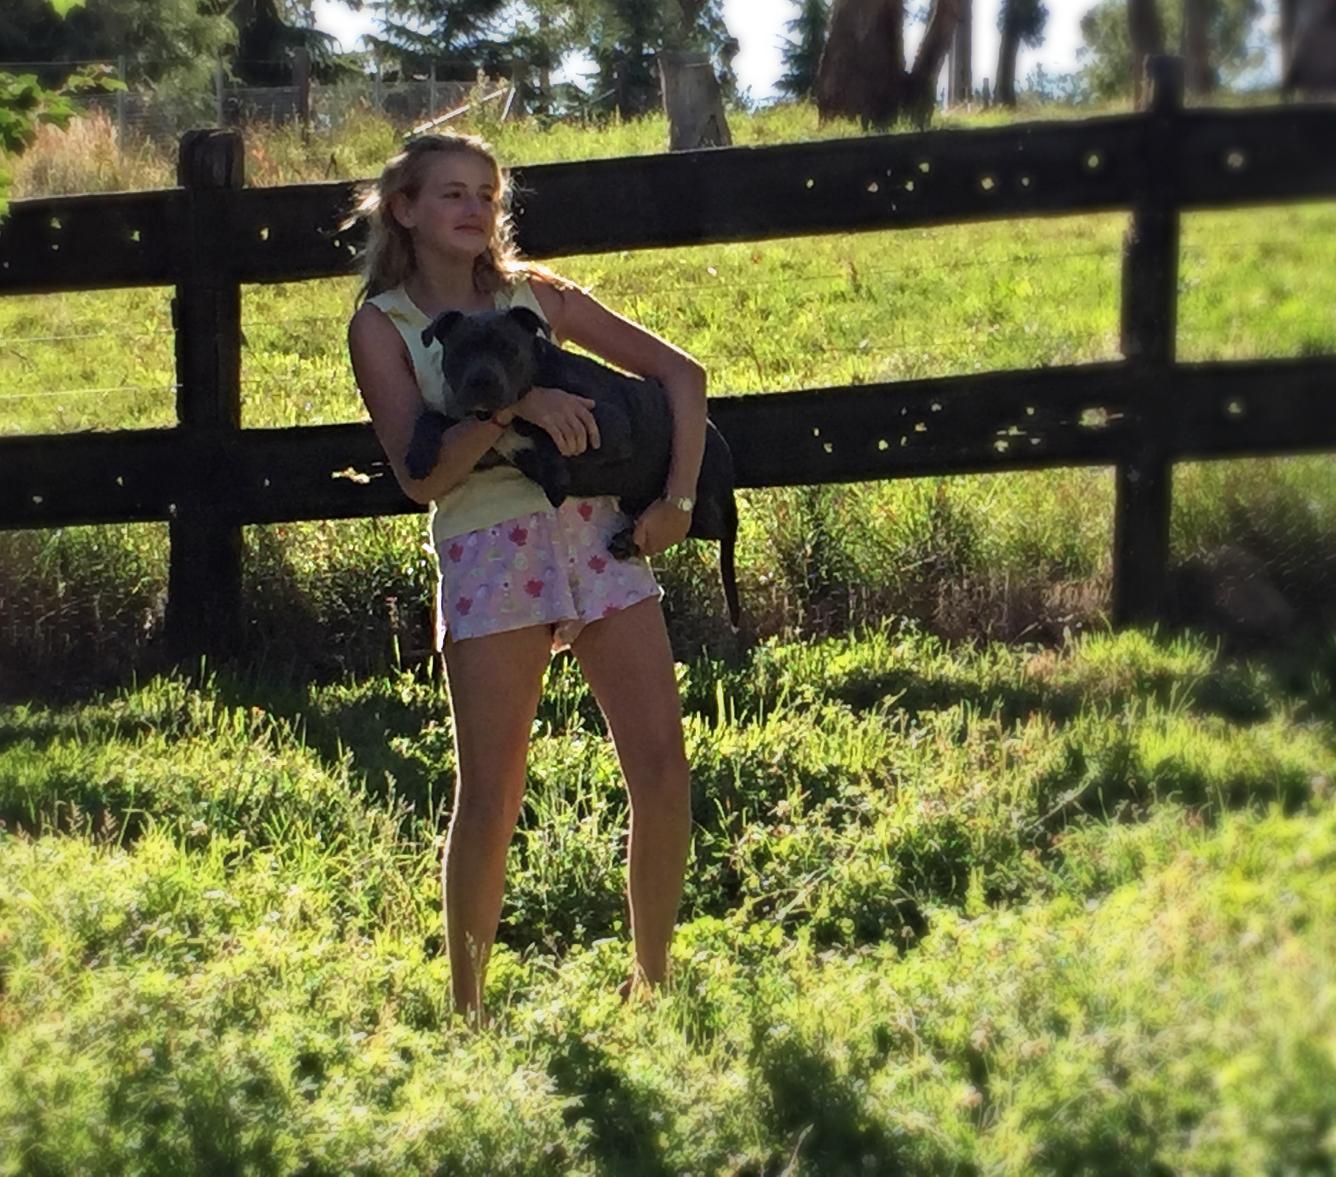 i6-farm,sydney 2014 1222_edited